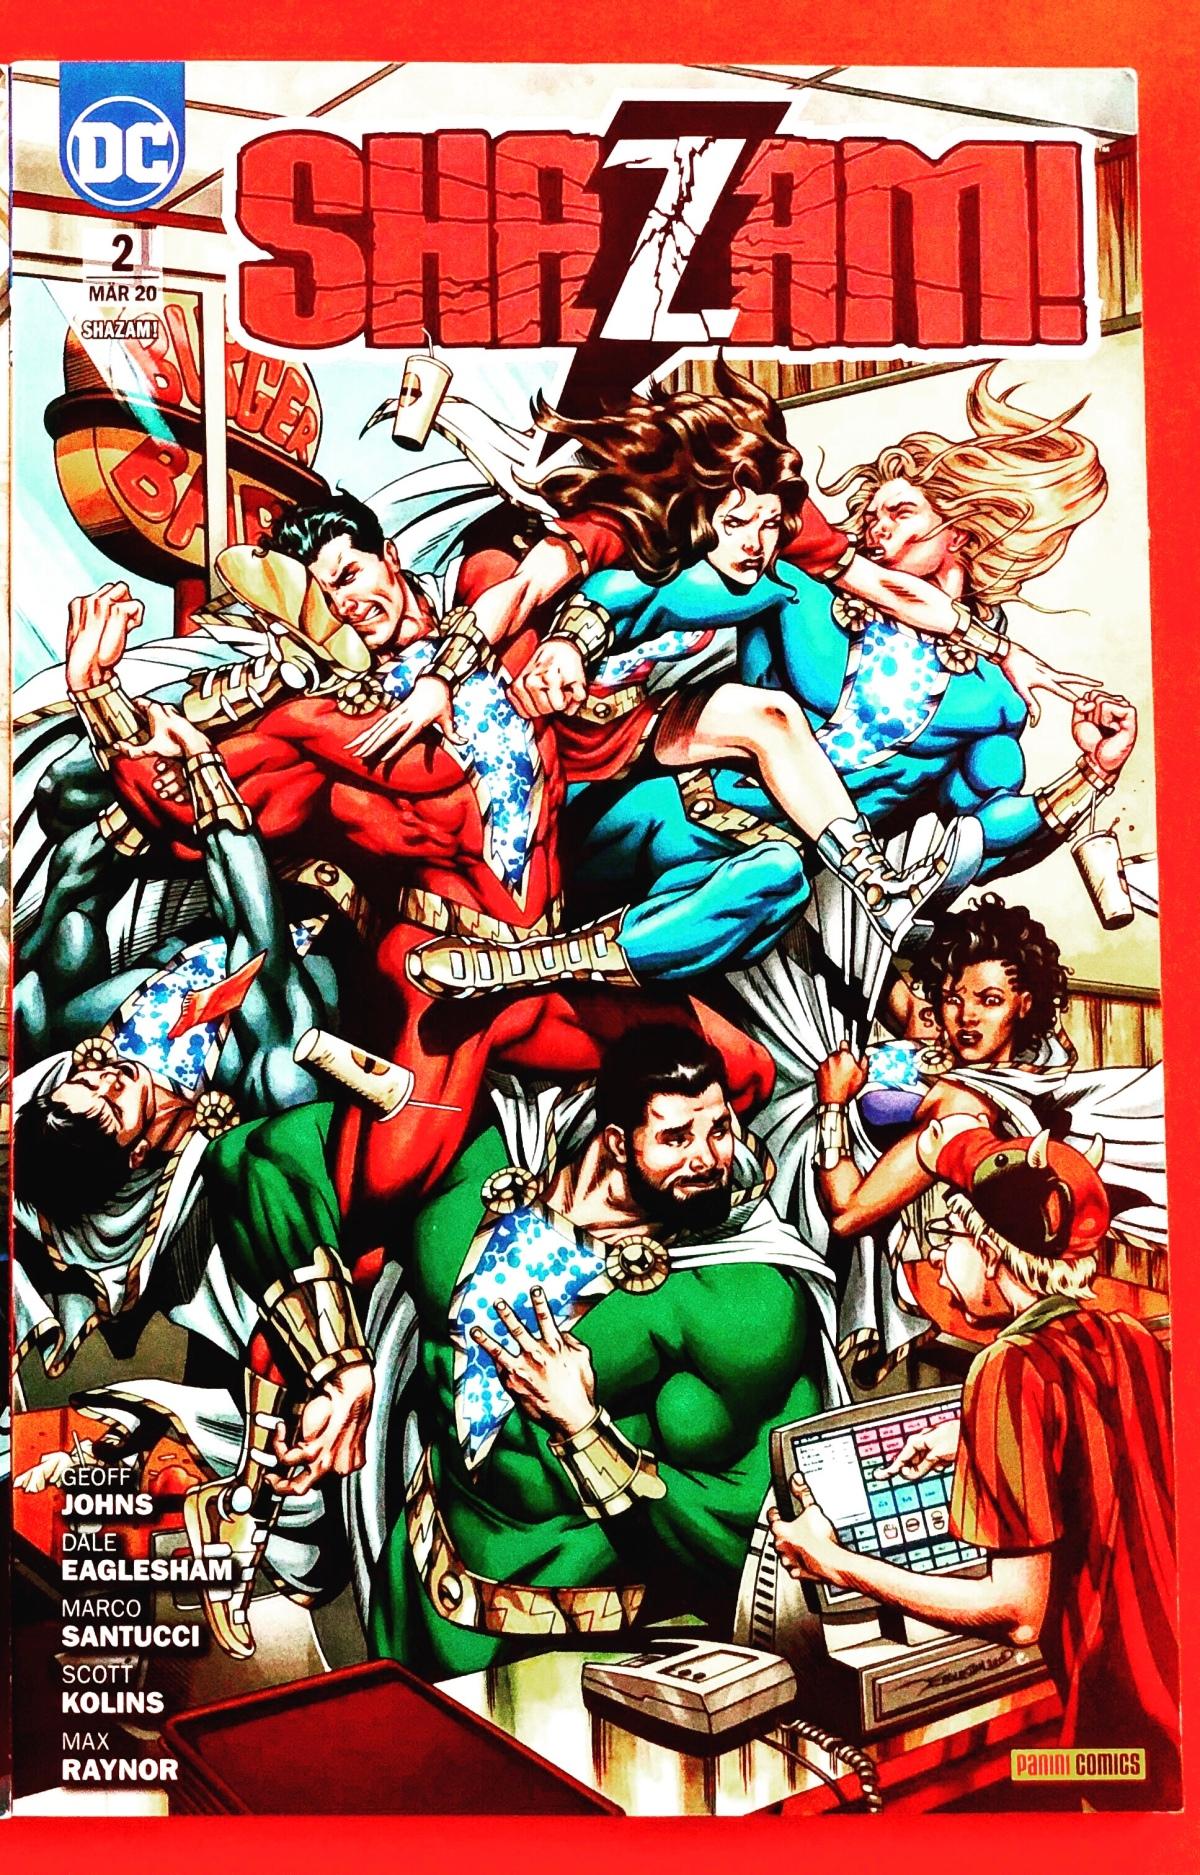 Shazam! Das Grab des Captain Marvel (Shazam! Band 2) |Review